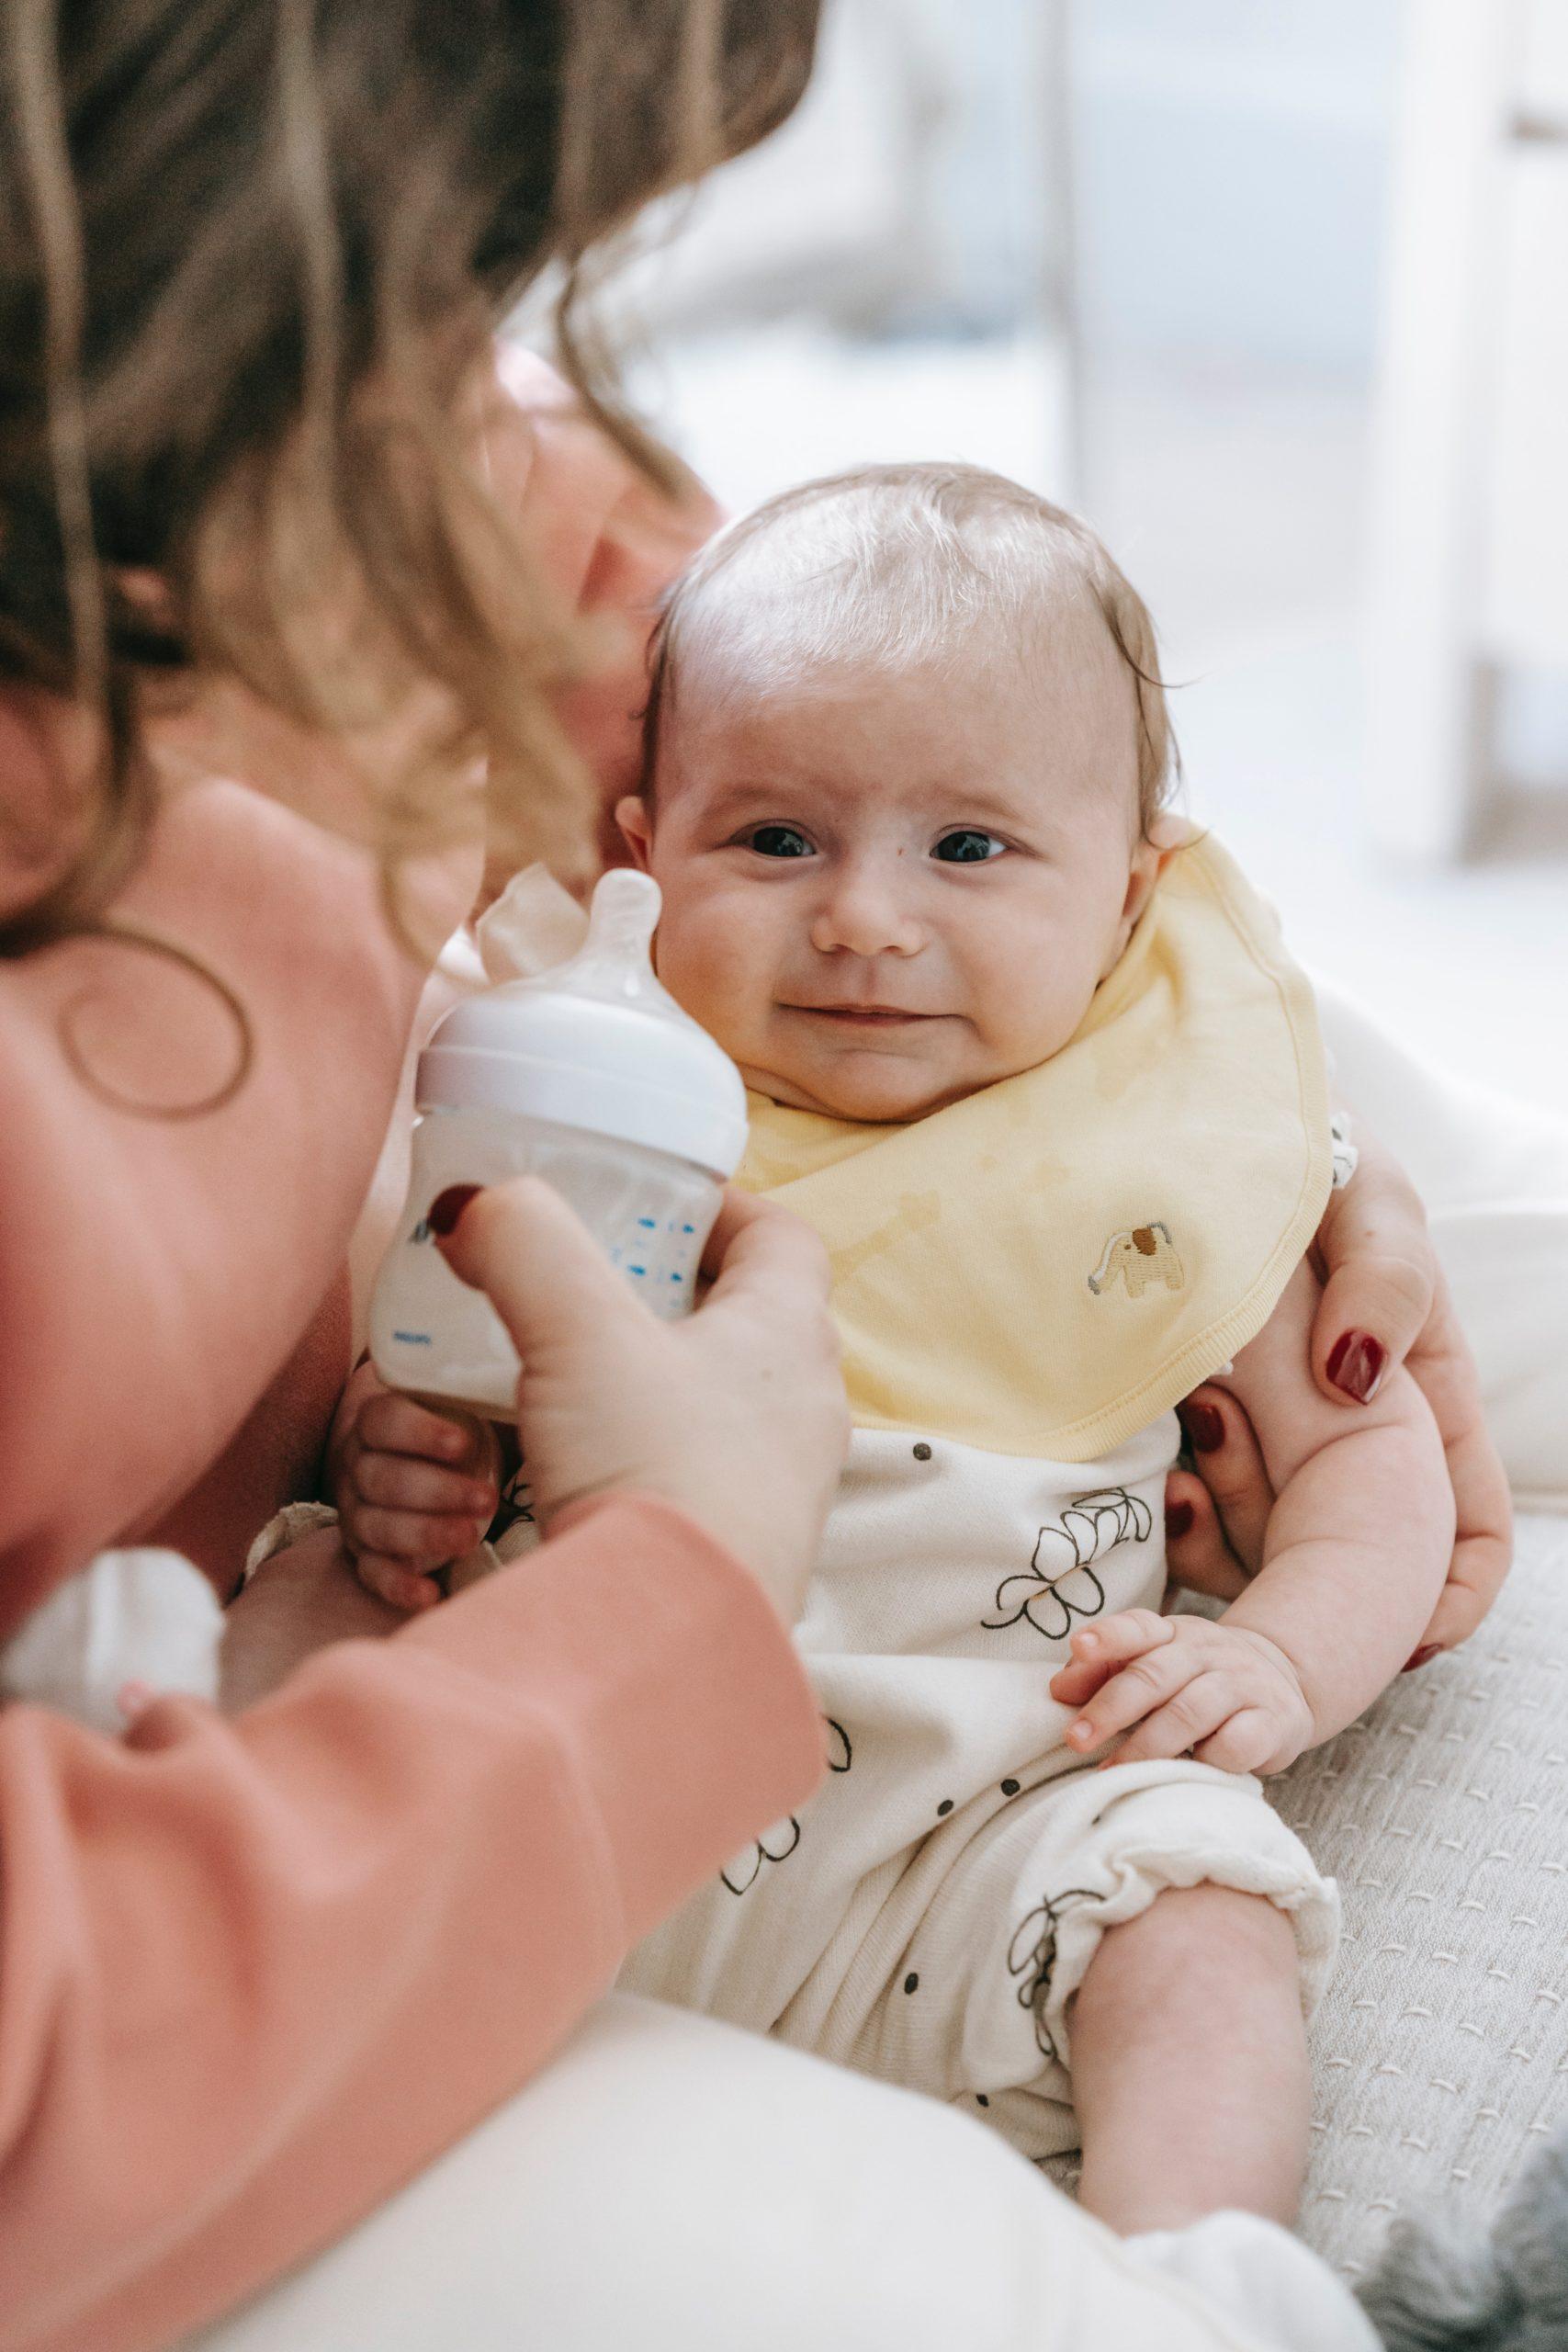 savoir quand bébé pipi caca signes